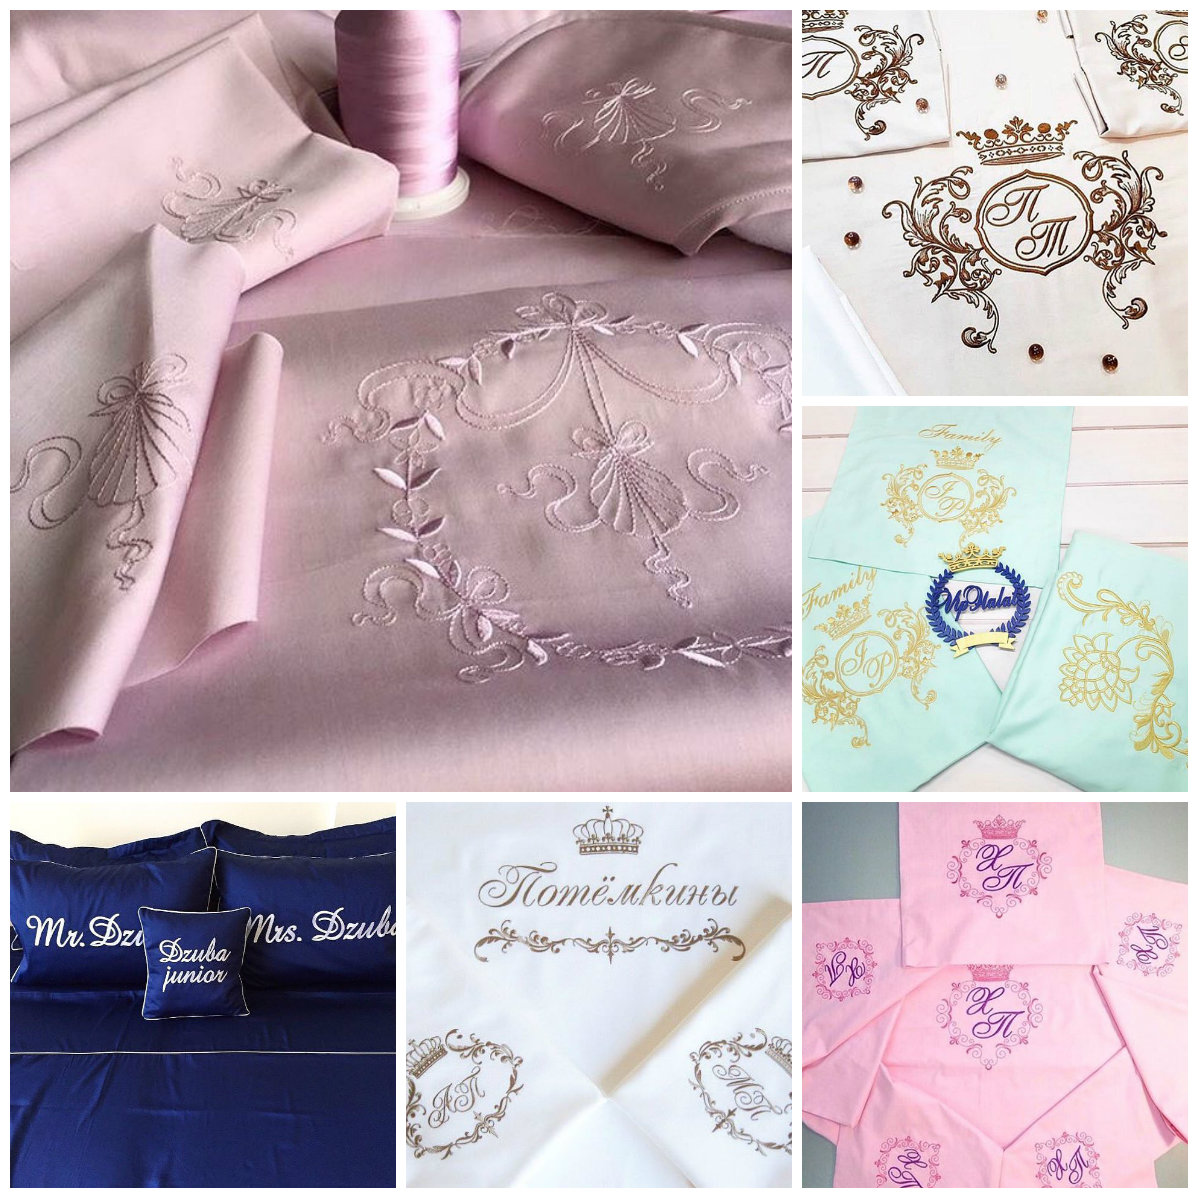 Именной постельный текстиль — лучший подарок на свадьбу